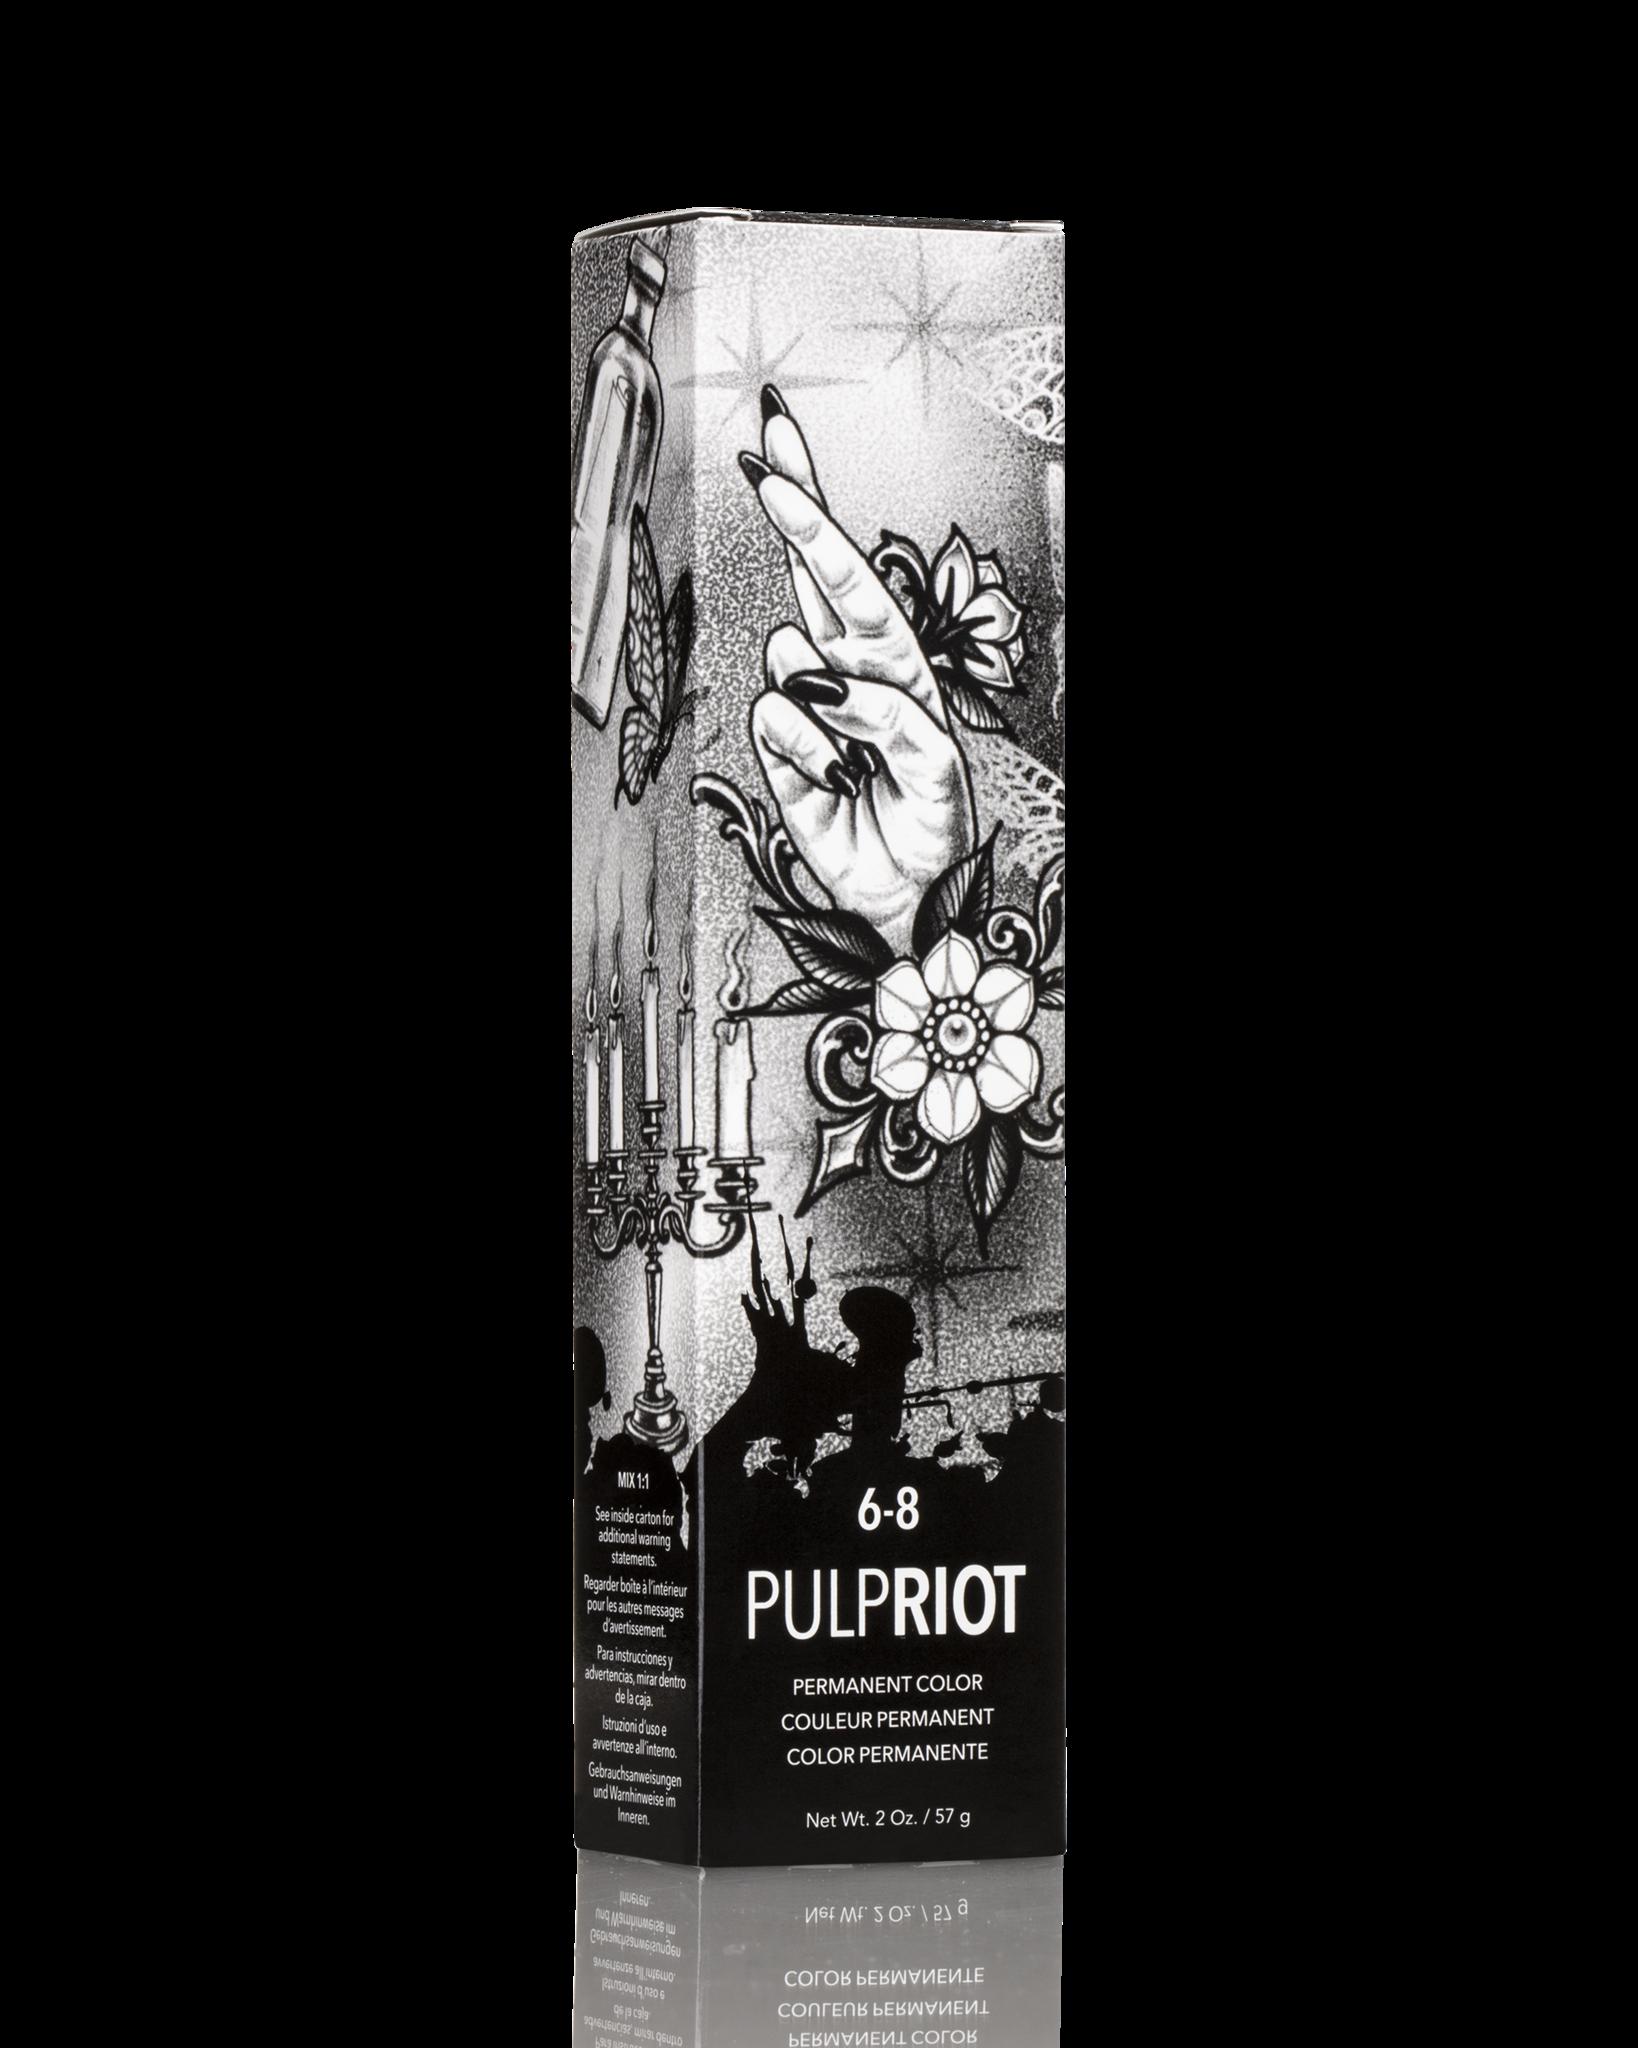 Pulp Riot PULP RIOT FACTION 8 MARRON/BROWN 6-8